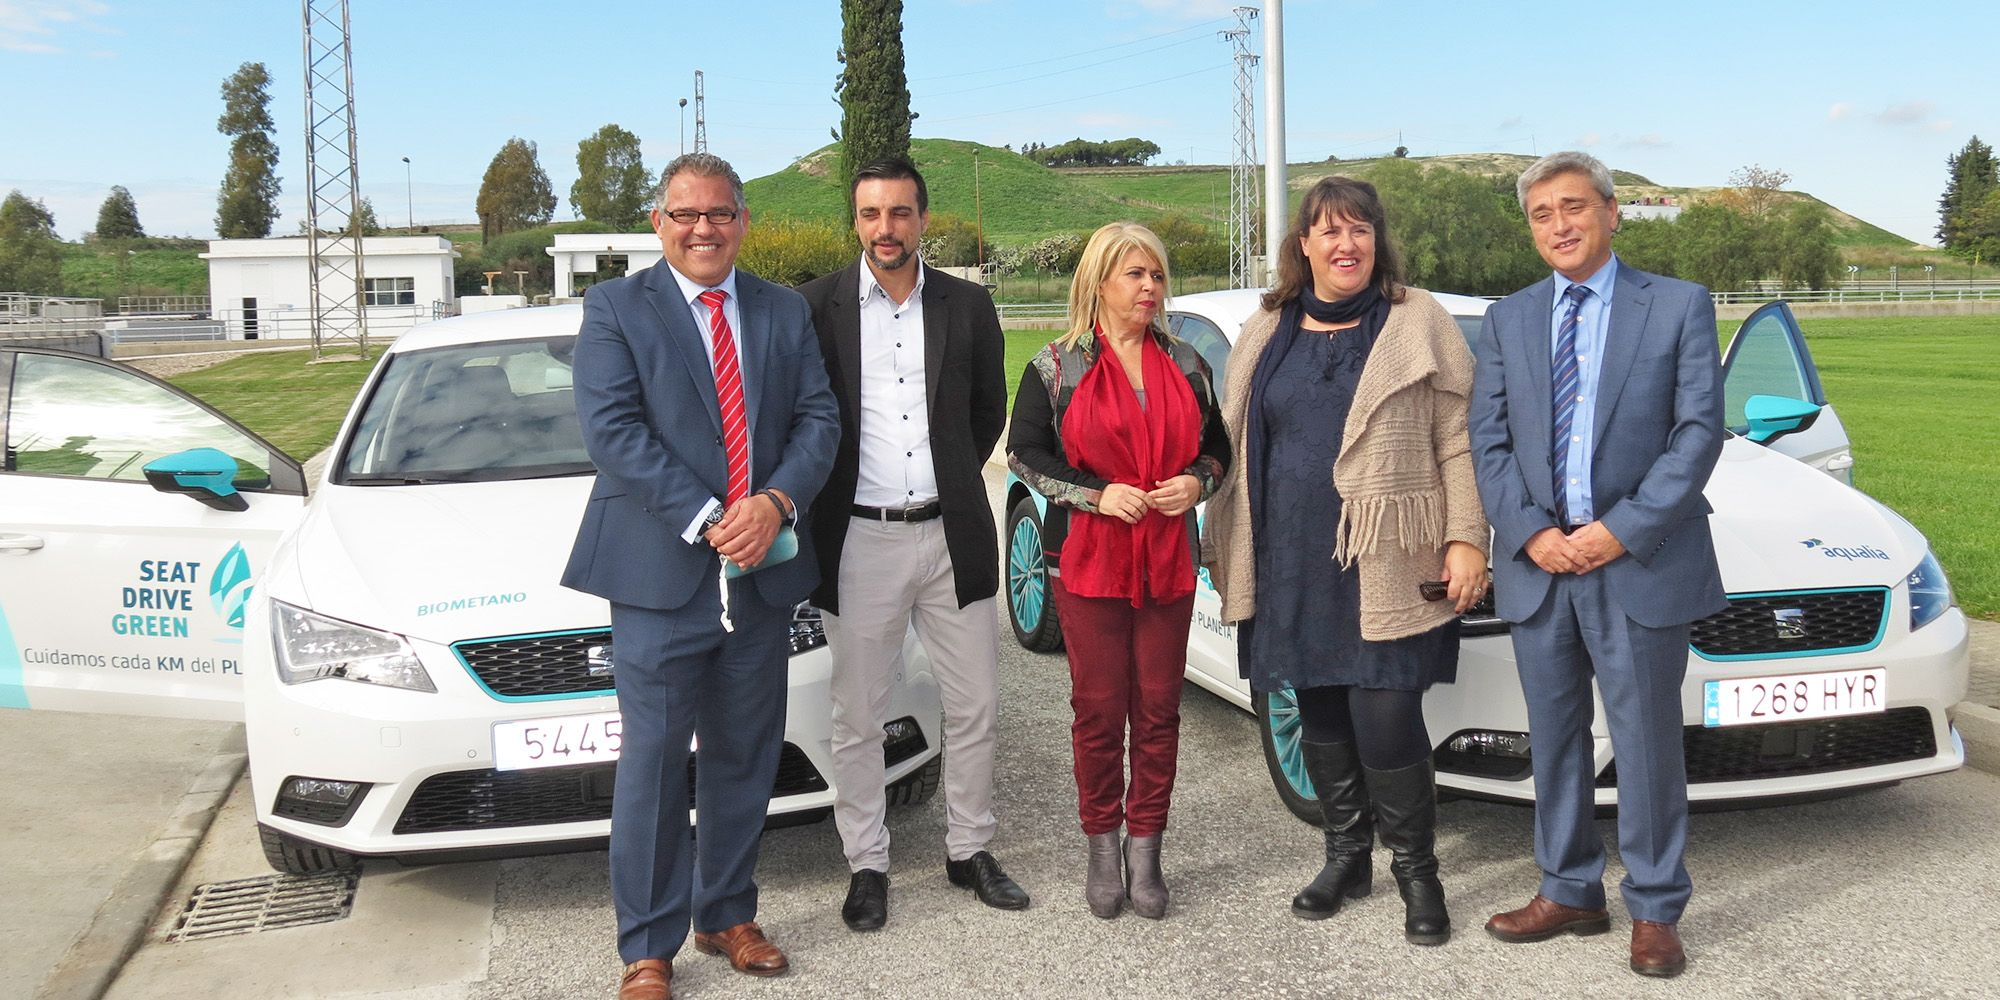 aqualia-presenta-biocombustible-coches-seat-jerez-2